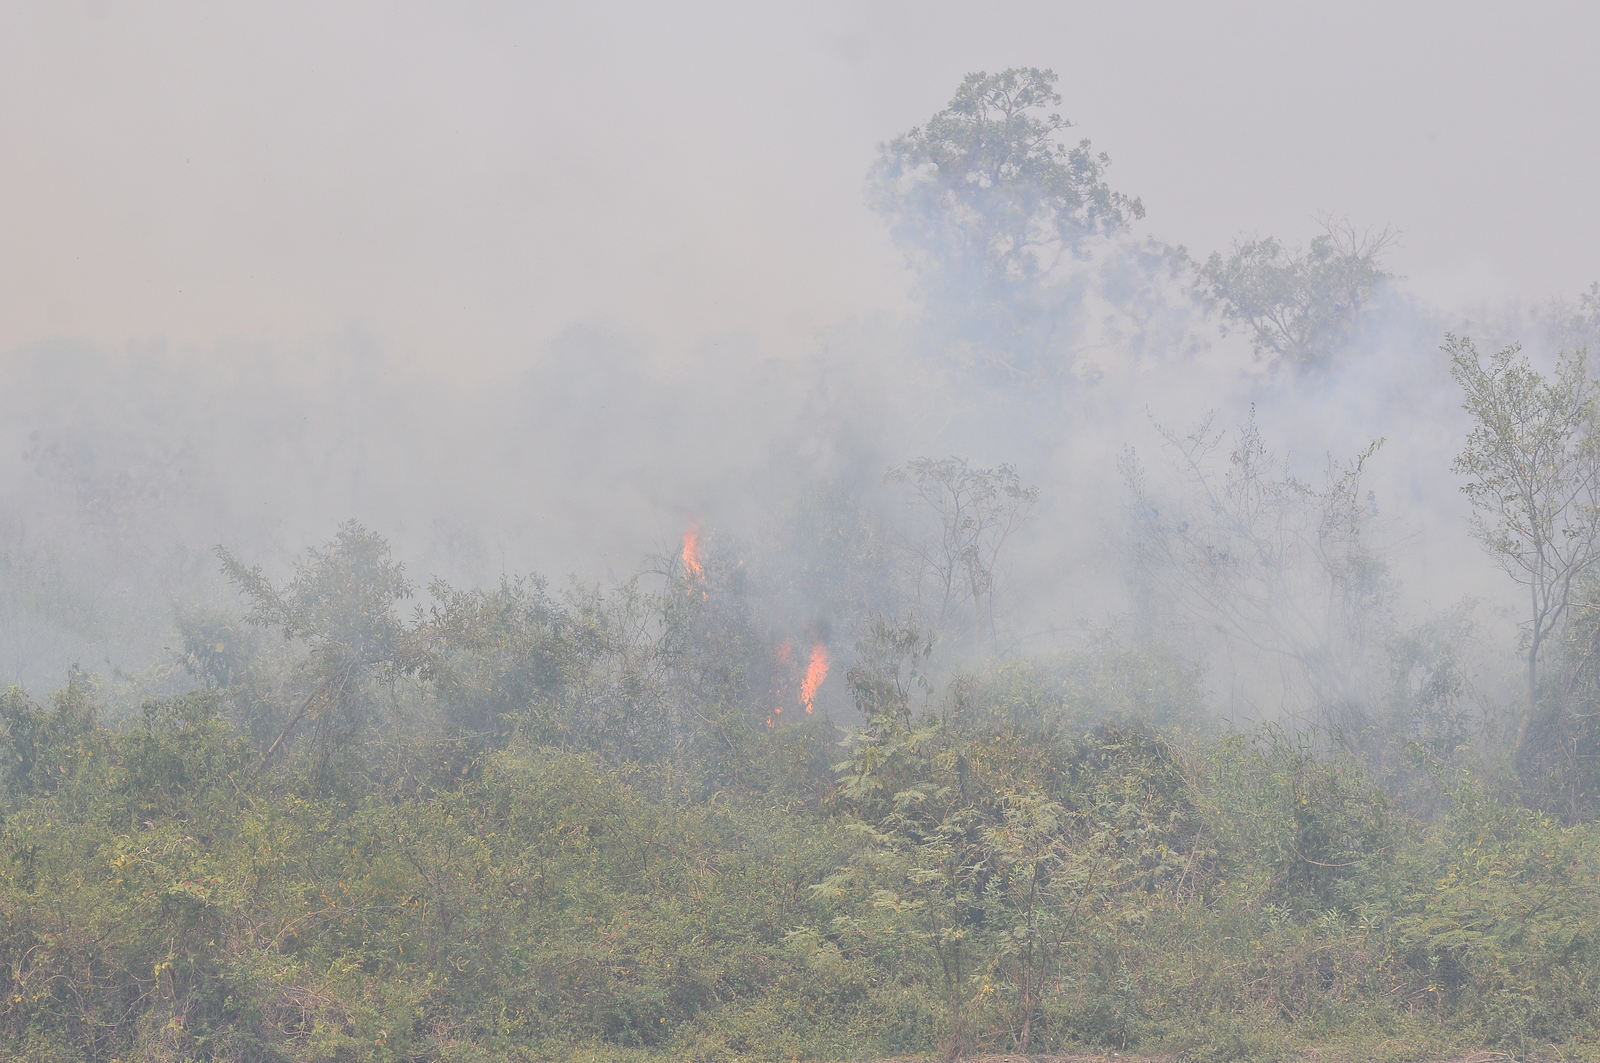 Cerca de 20% do bioma foi destruído pelas queimadas recordes deste ano (Álvaro Rezende/Repórter Brasil)